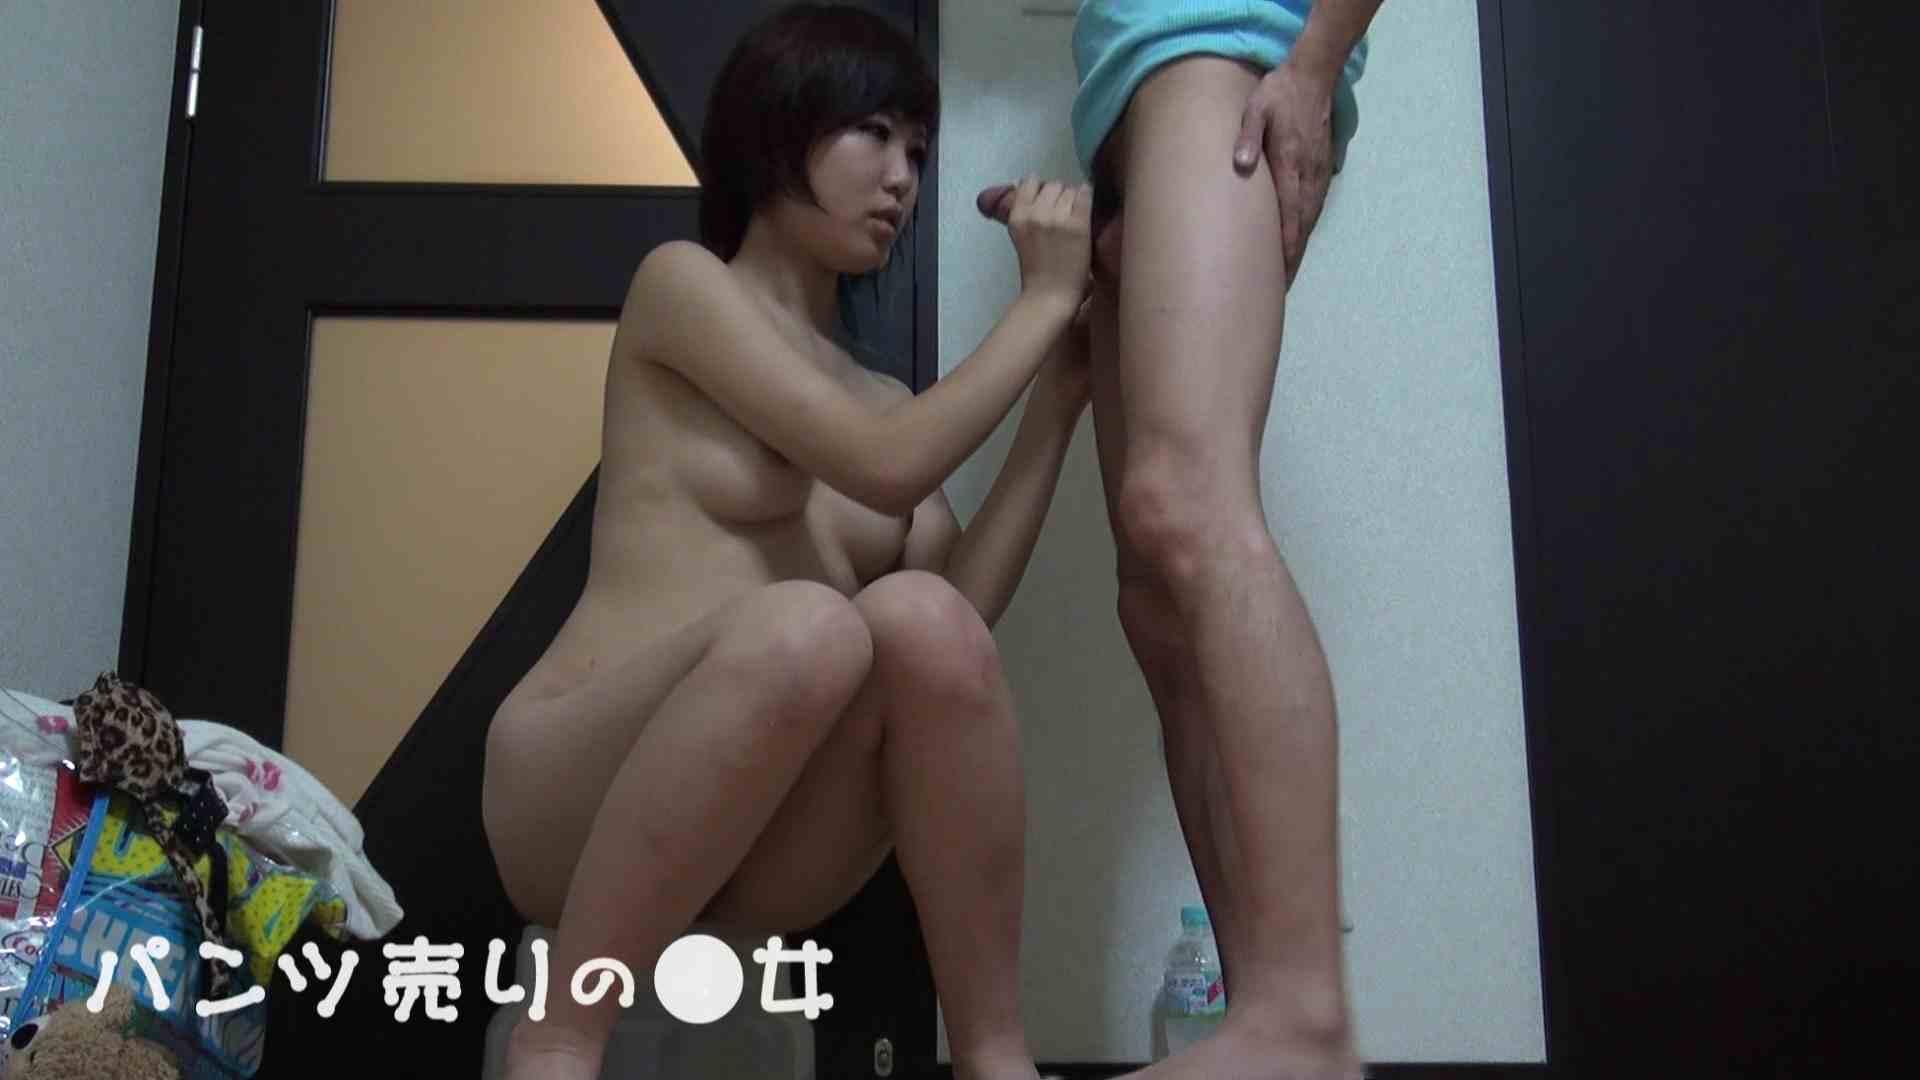 新説 パンツ売りの女の子nana02 一般投稿  97pic 50